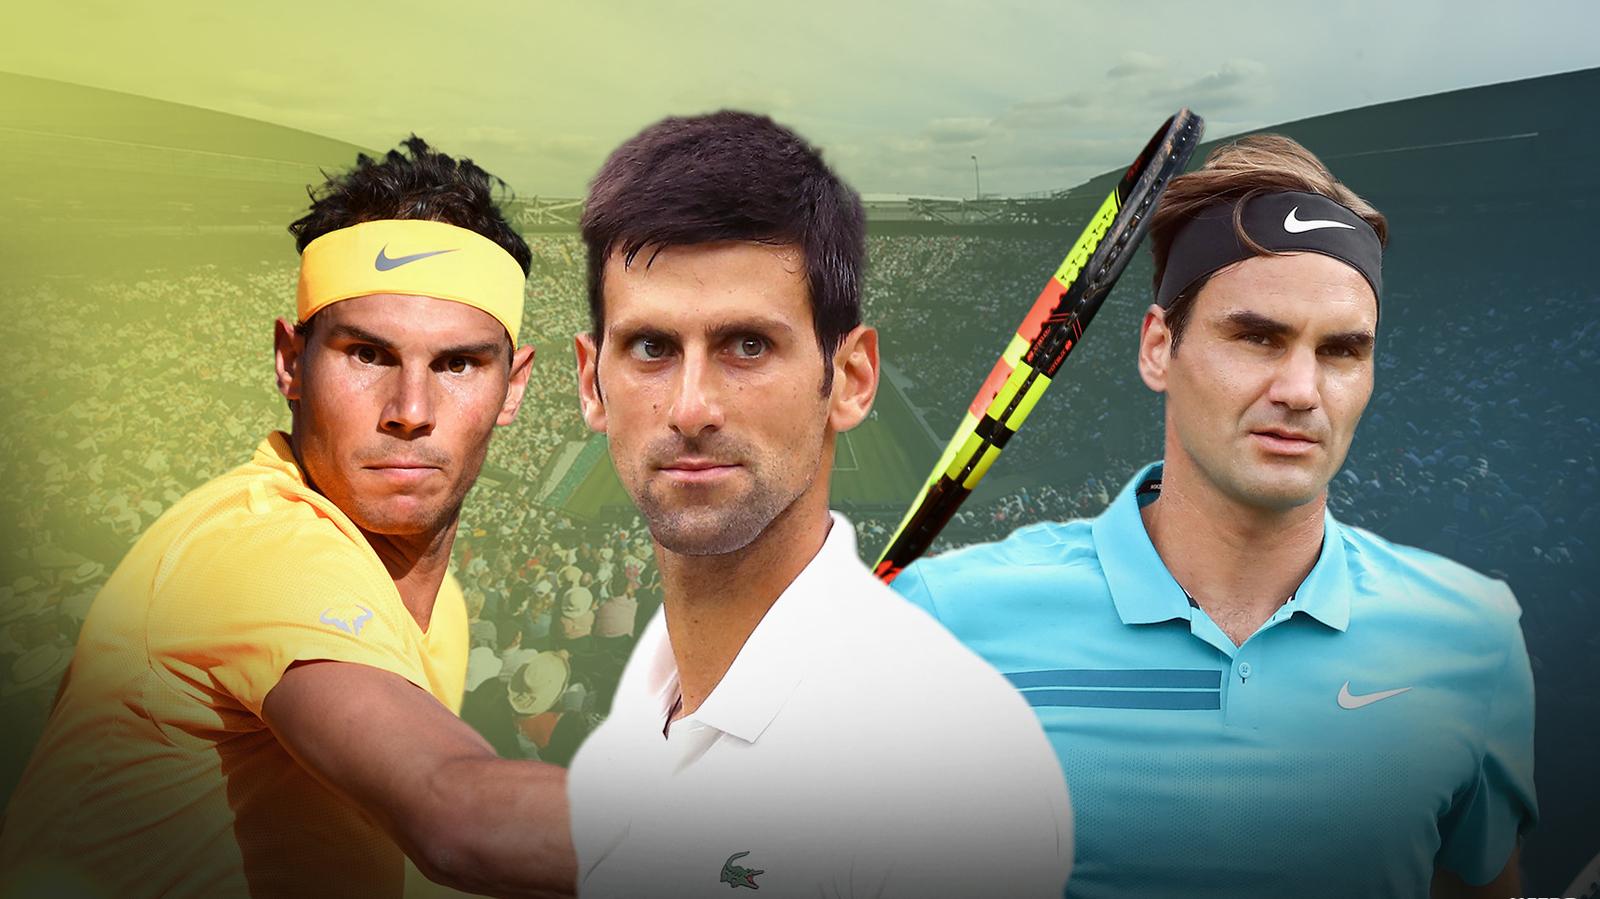 Djokovic và ngưỡng cửa lịch sử ở US Open 2020 - 5